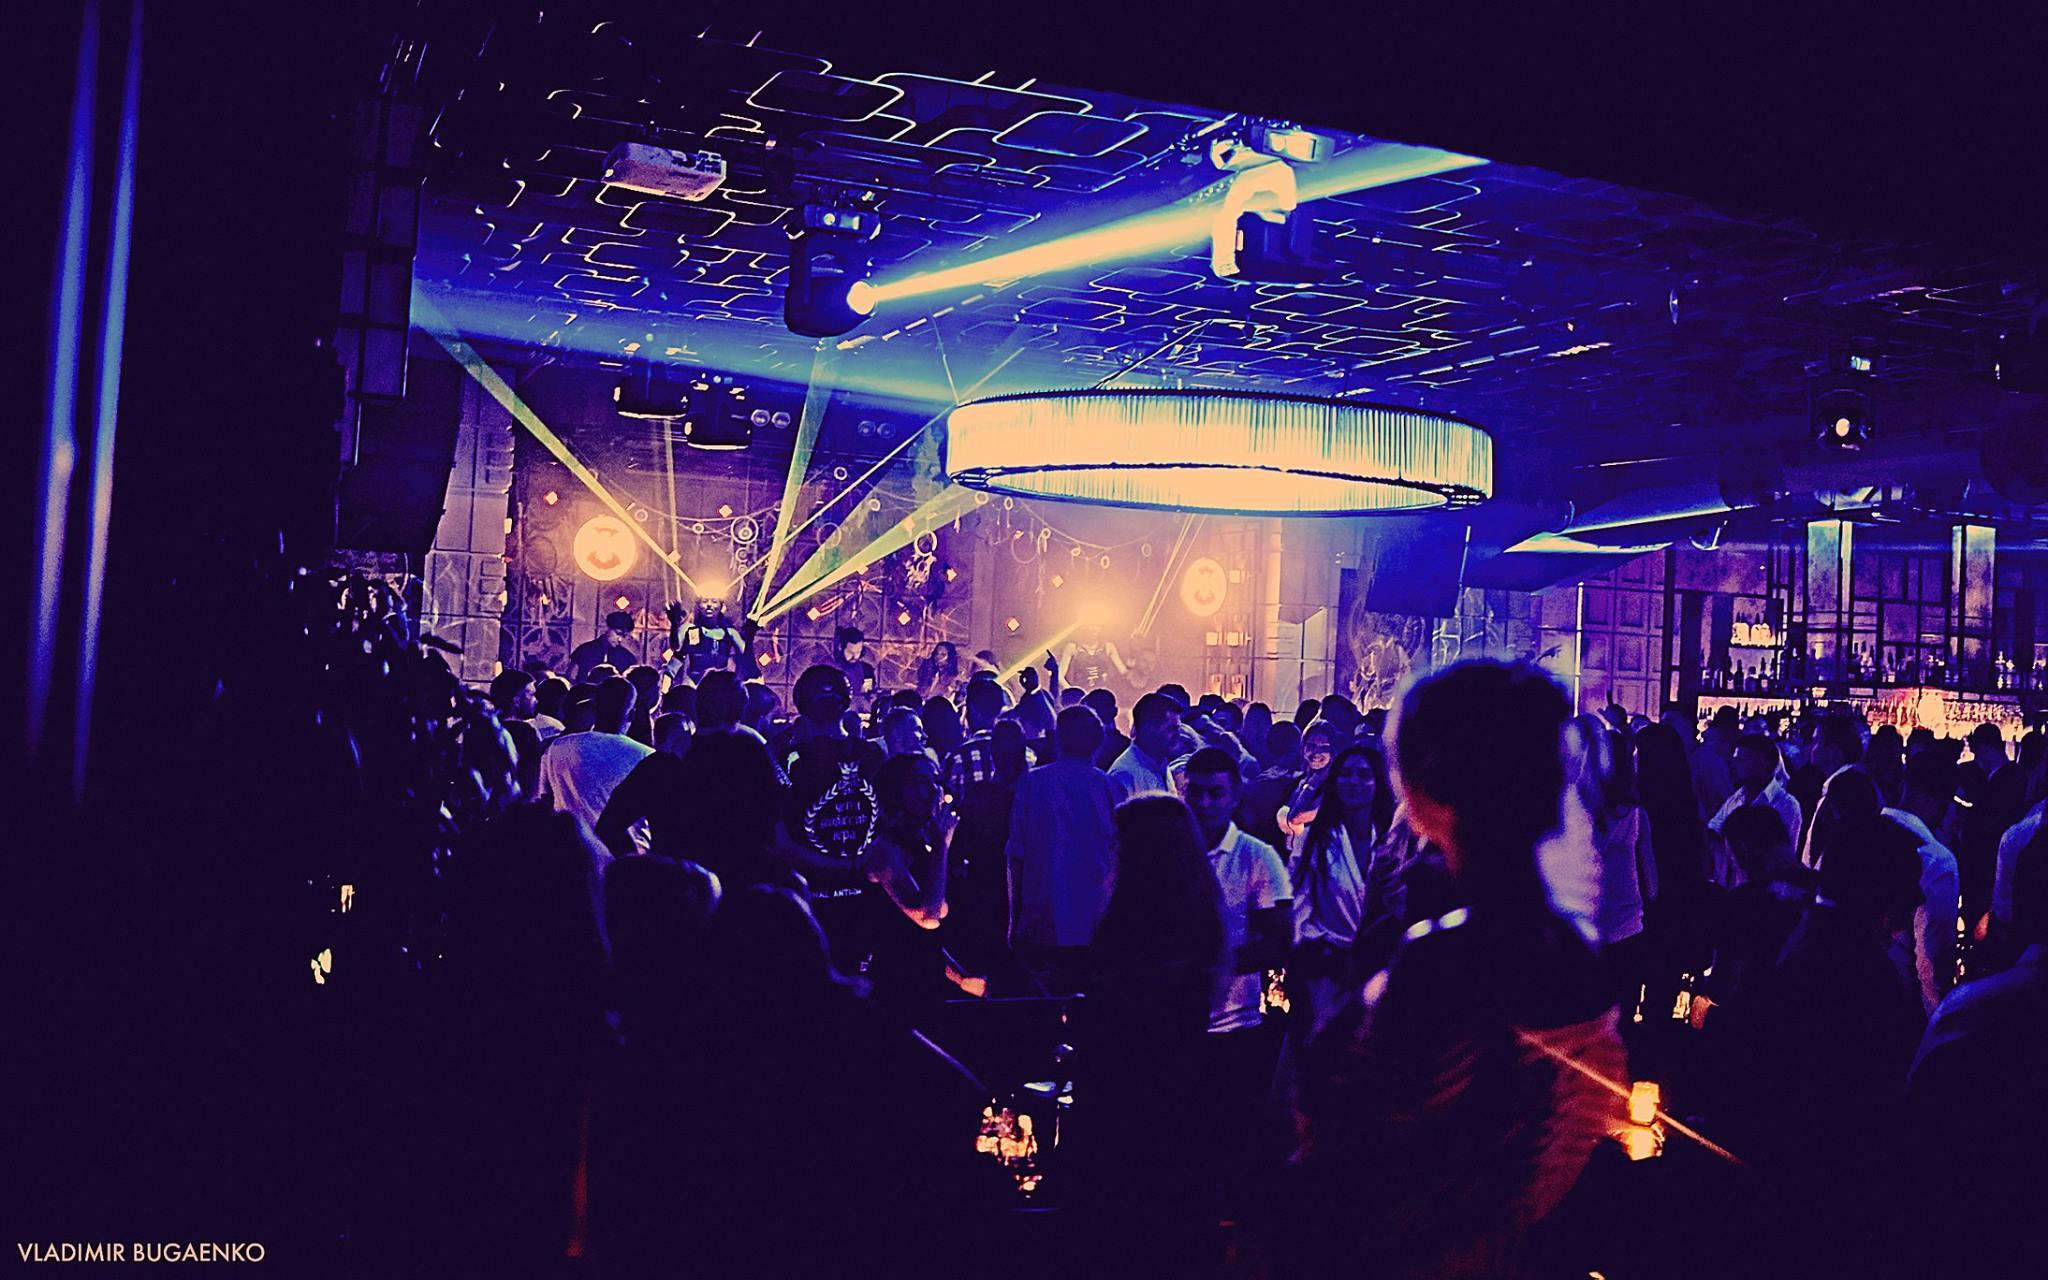 Фотоотчеты из ночных клубов владимир правило закрытого клуба